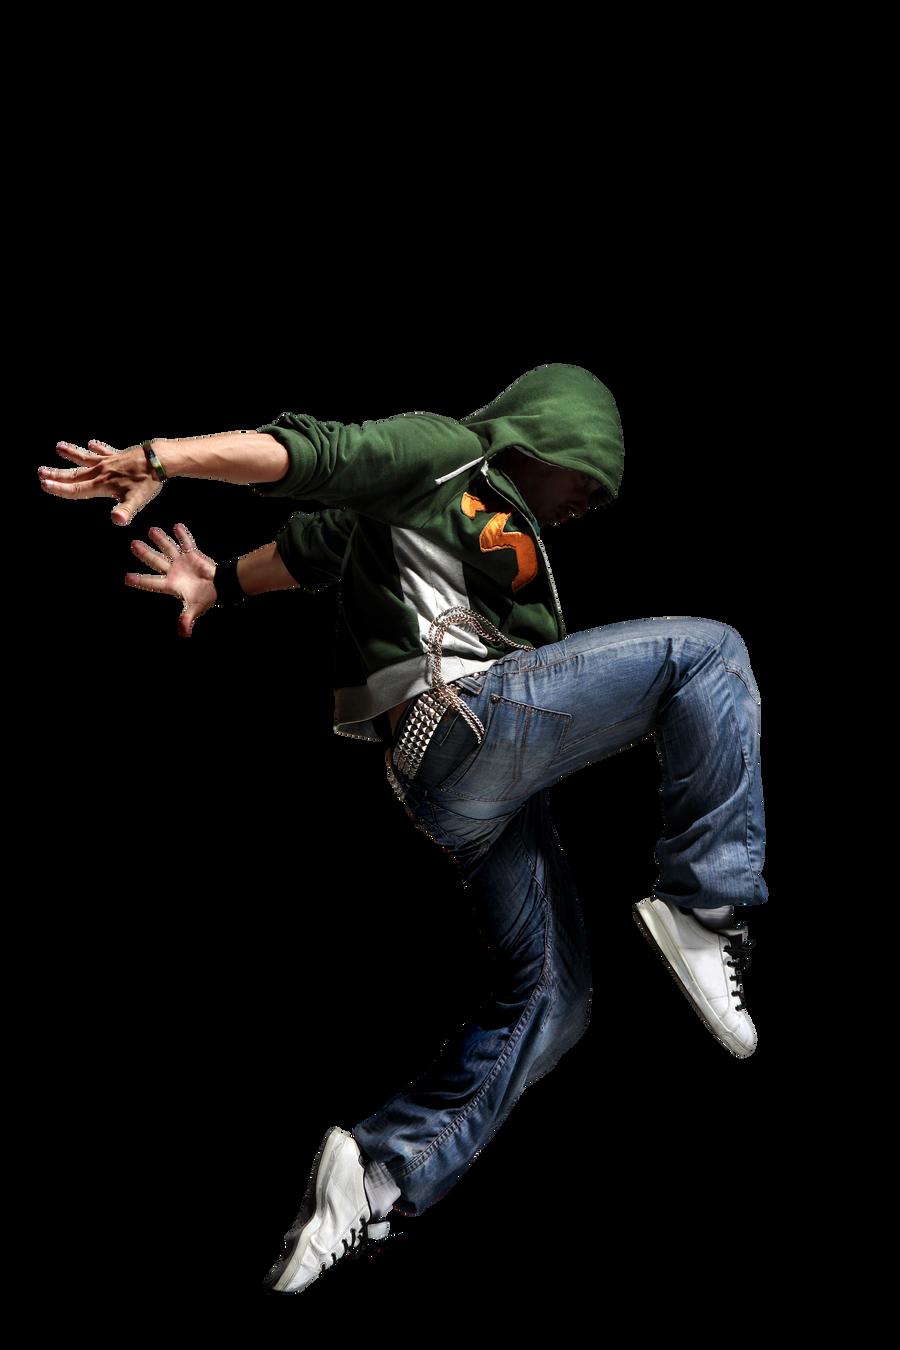 Break Dance Render by xRiptide on DeviantArt